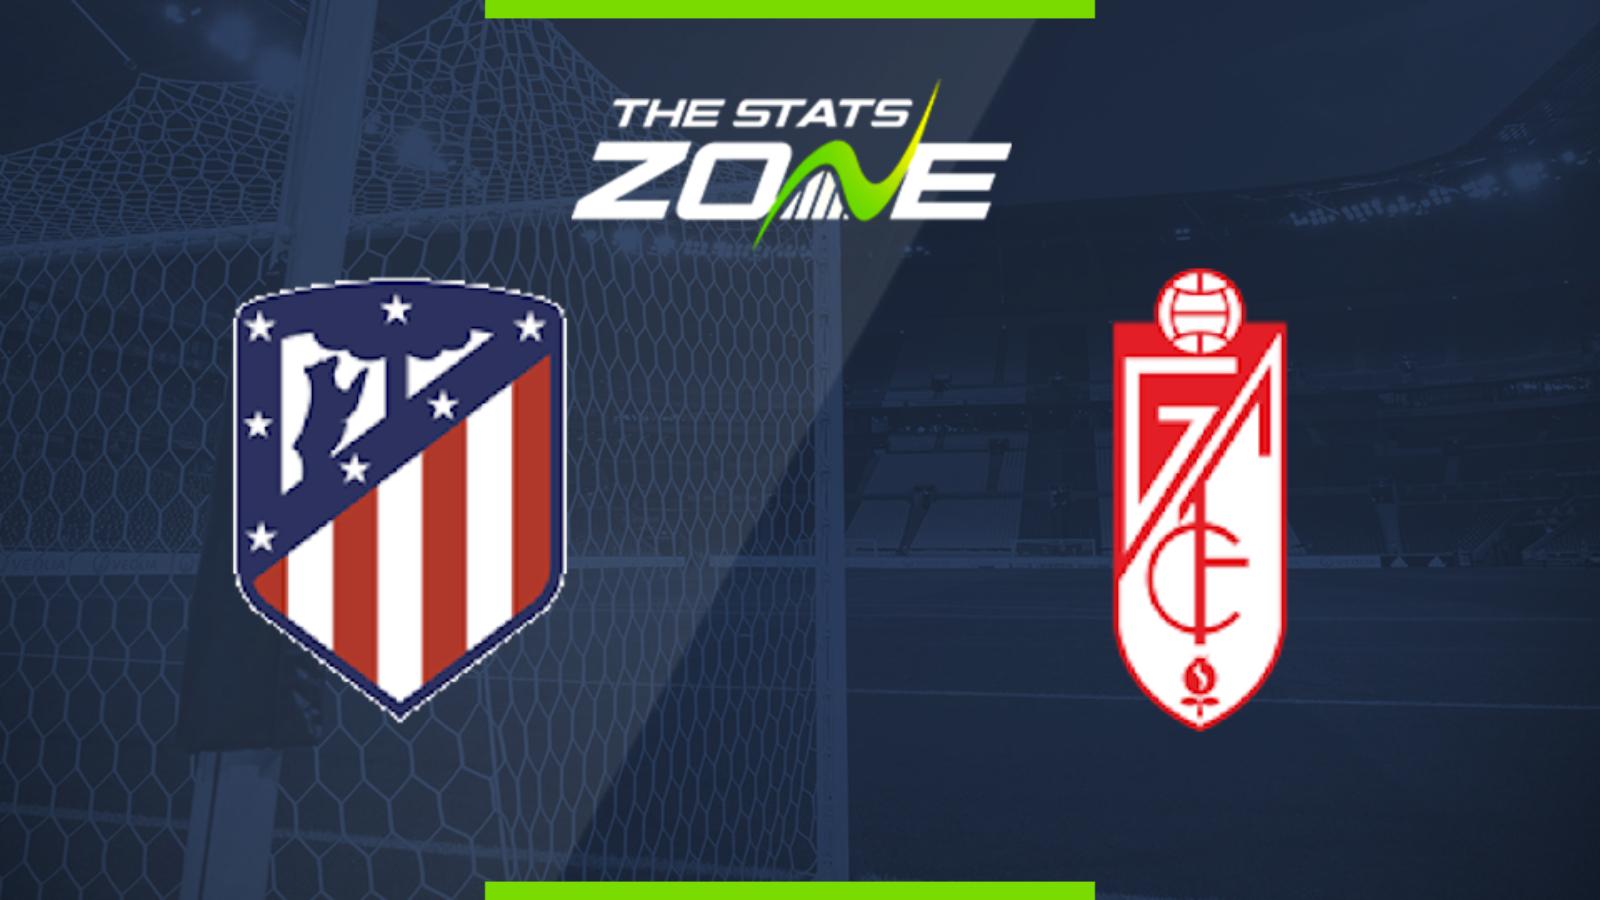 Liga 2019/20 J23º: Atlético de Madrid vs Granada (Sábado 8 Febr./21:00) Blue-ATLETICO-MADRID-vs-GRANADA